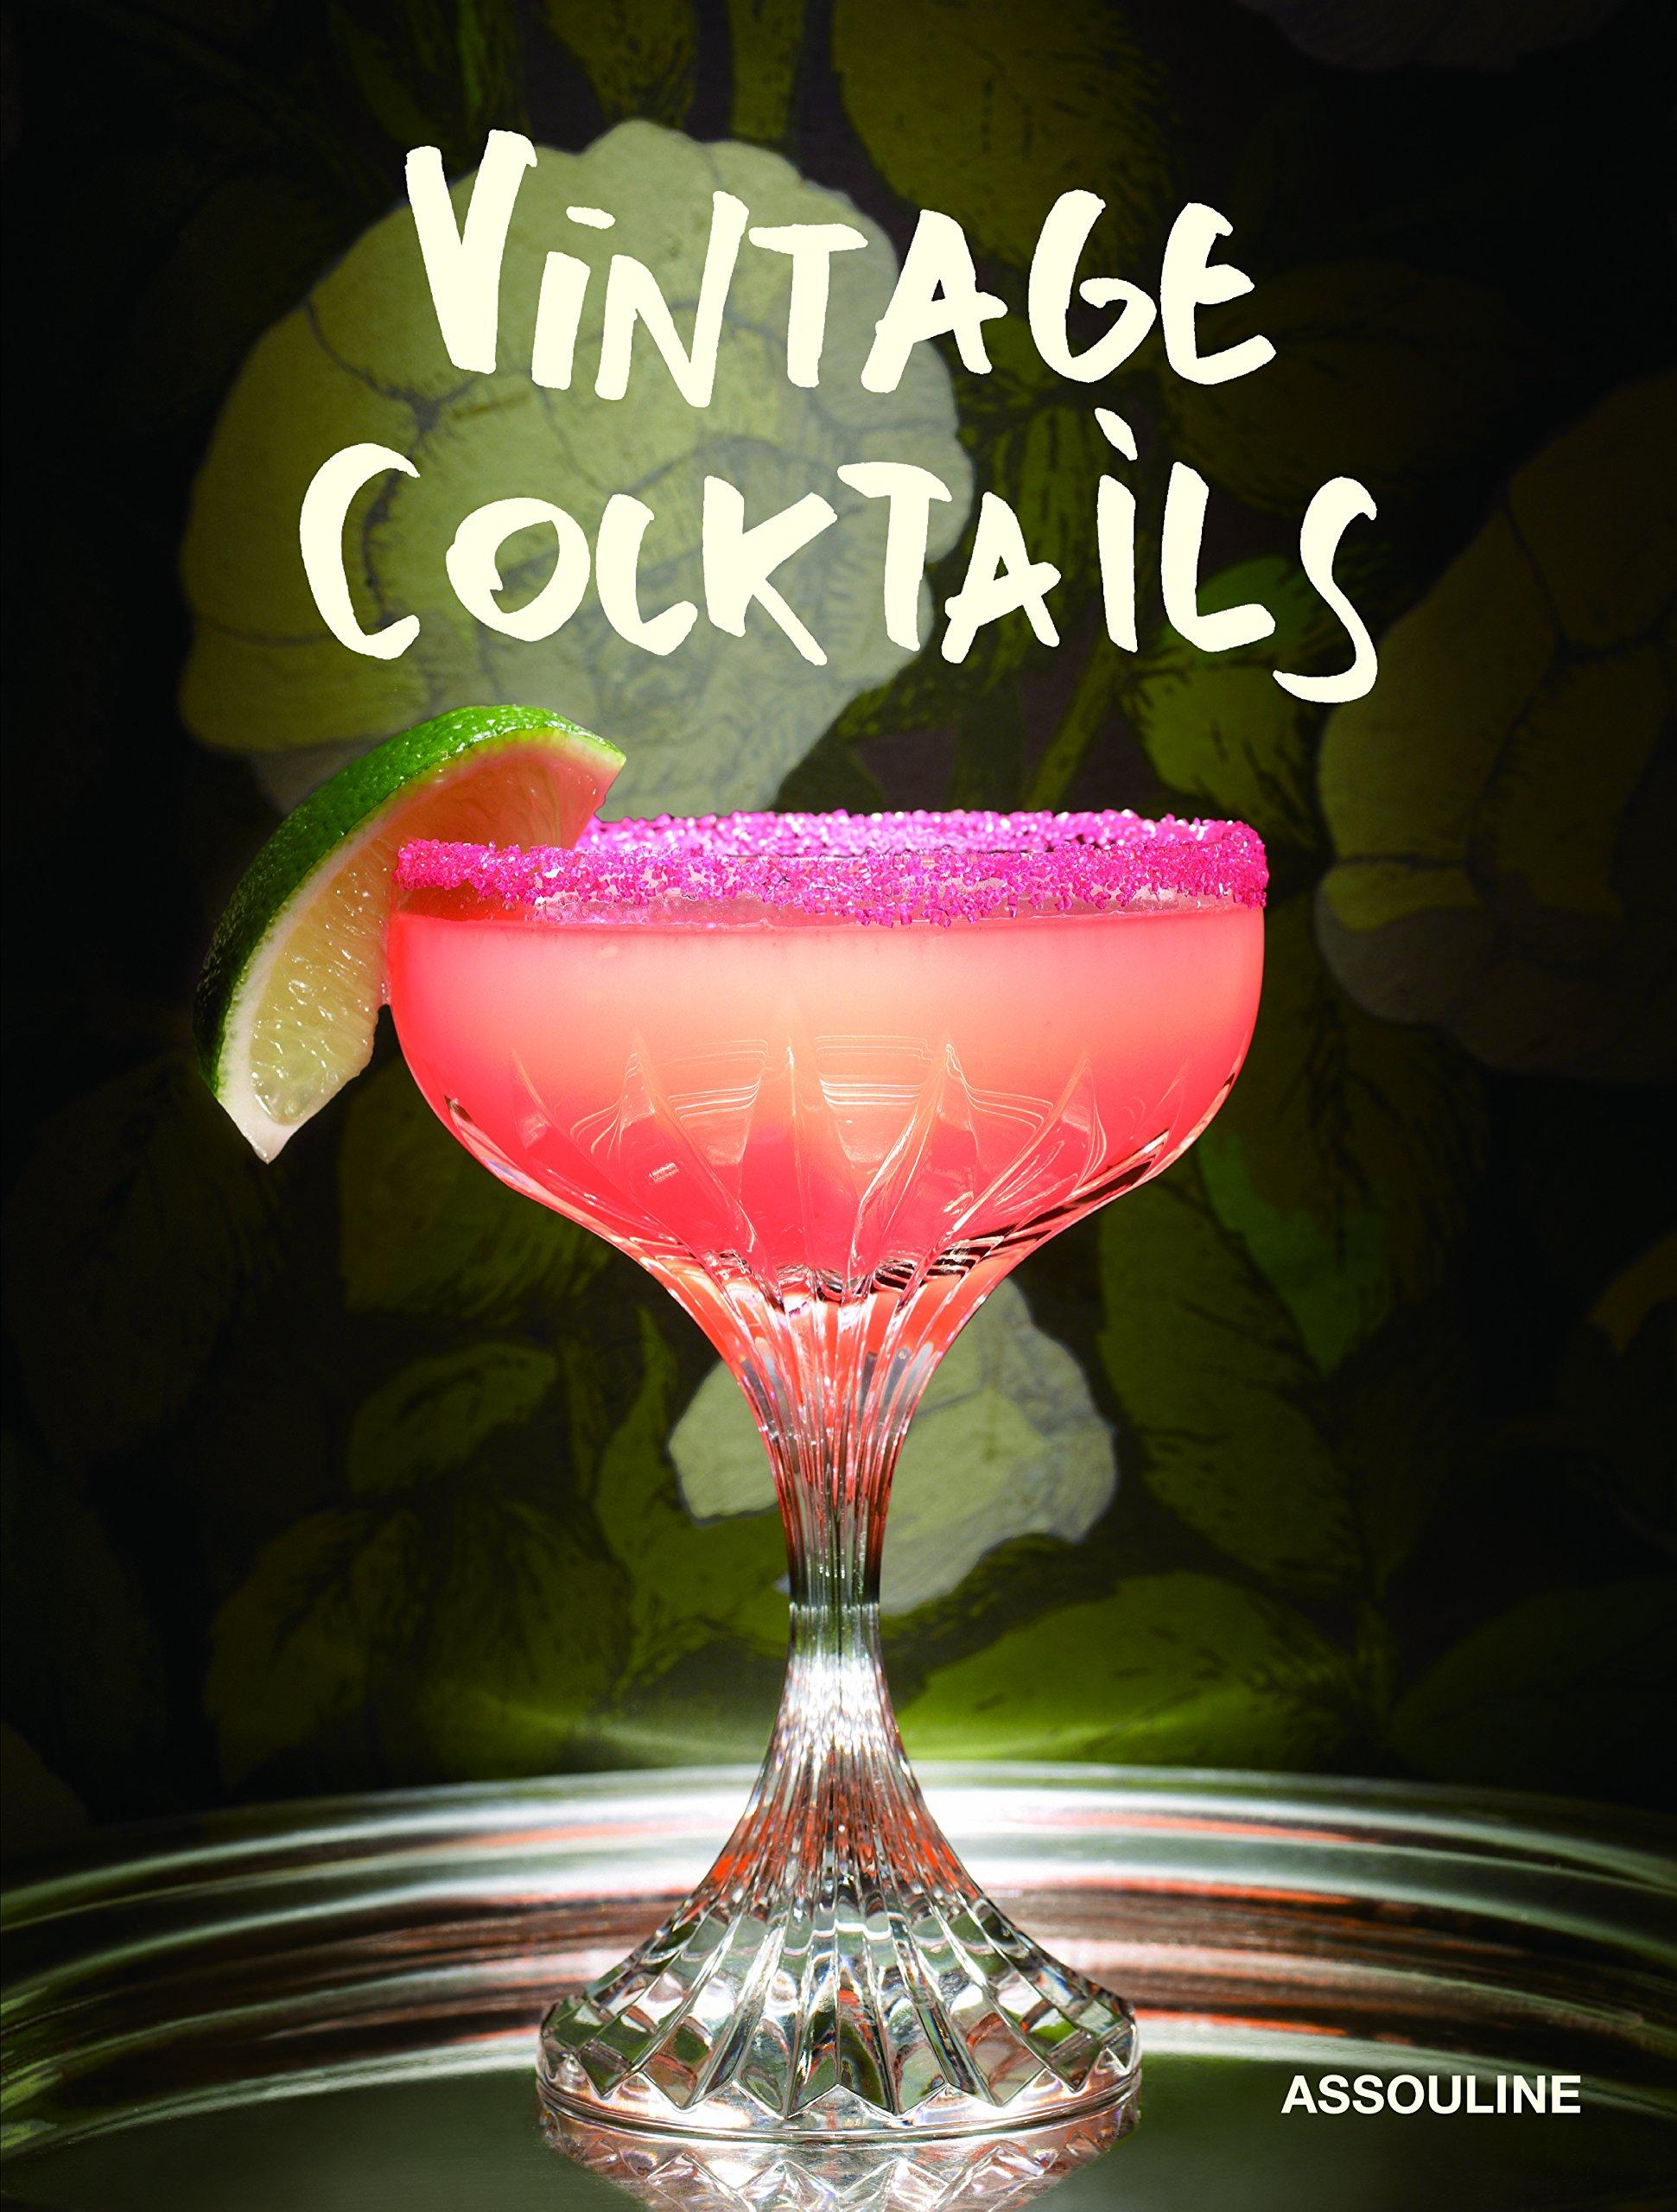 Vintage Cocktails.jpg